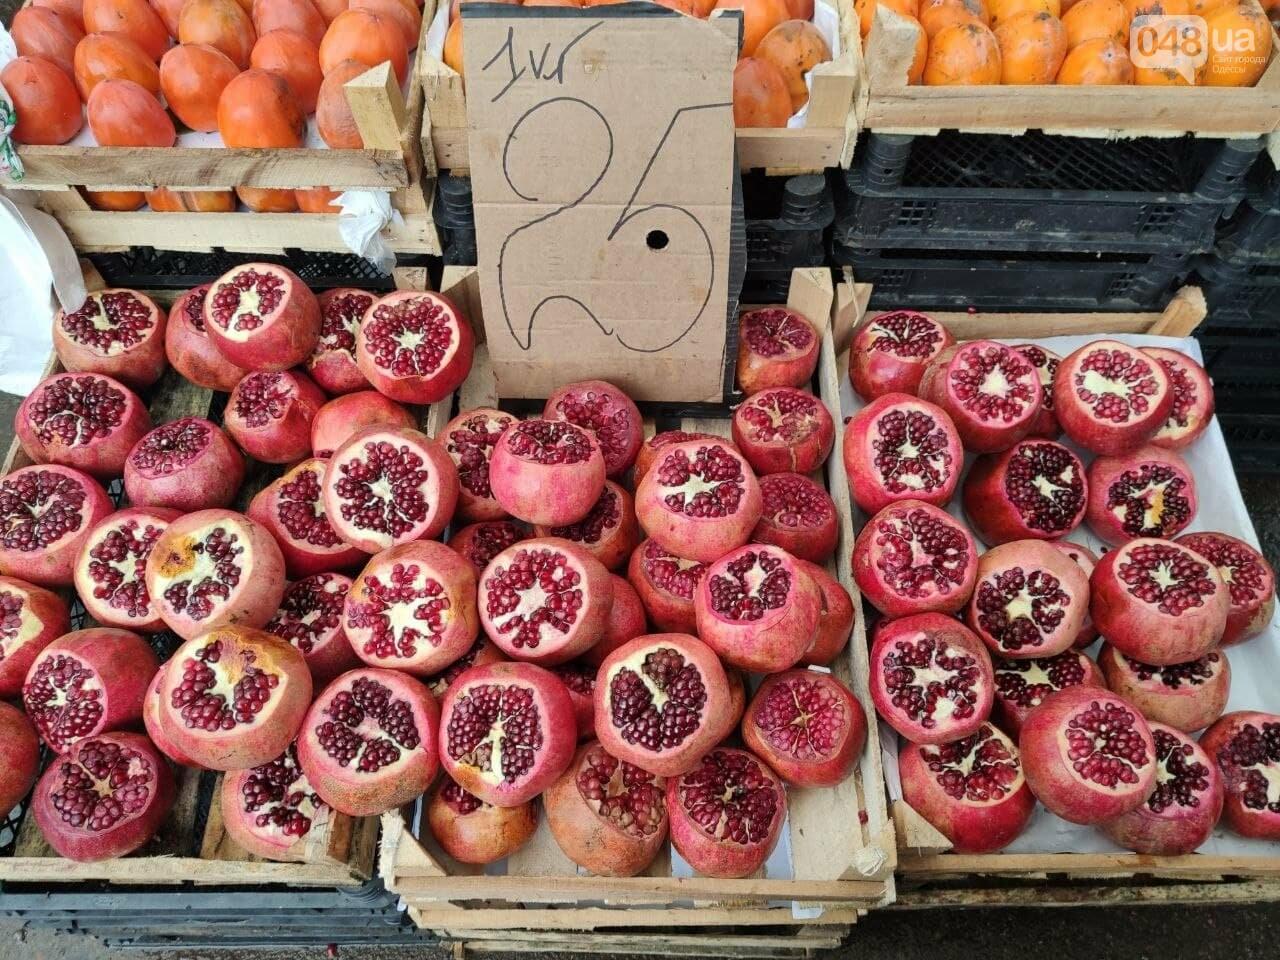 Авокадо, королевские шампиньоны, чили: почем на одесском Привозе овощи и фрукты, - ФОТО, фото-3